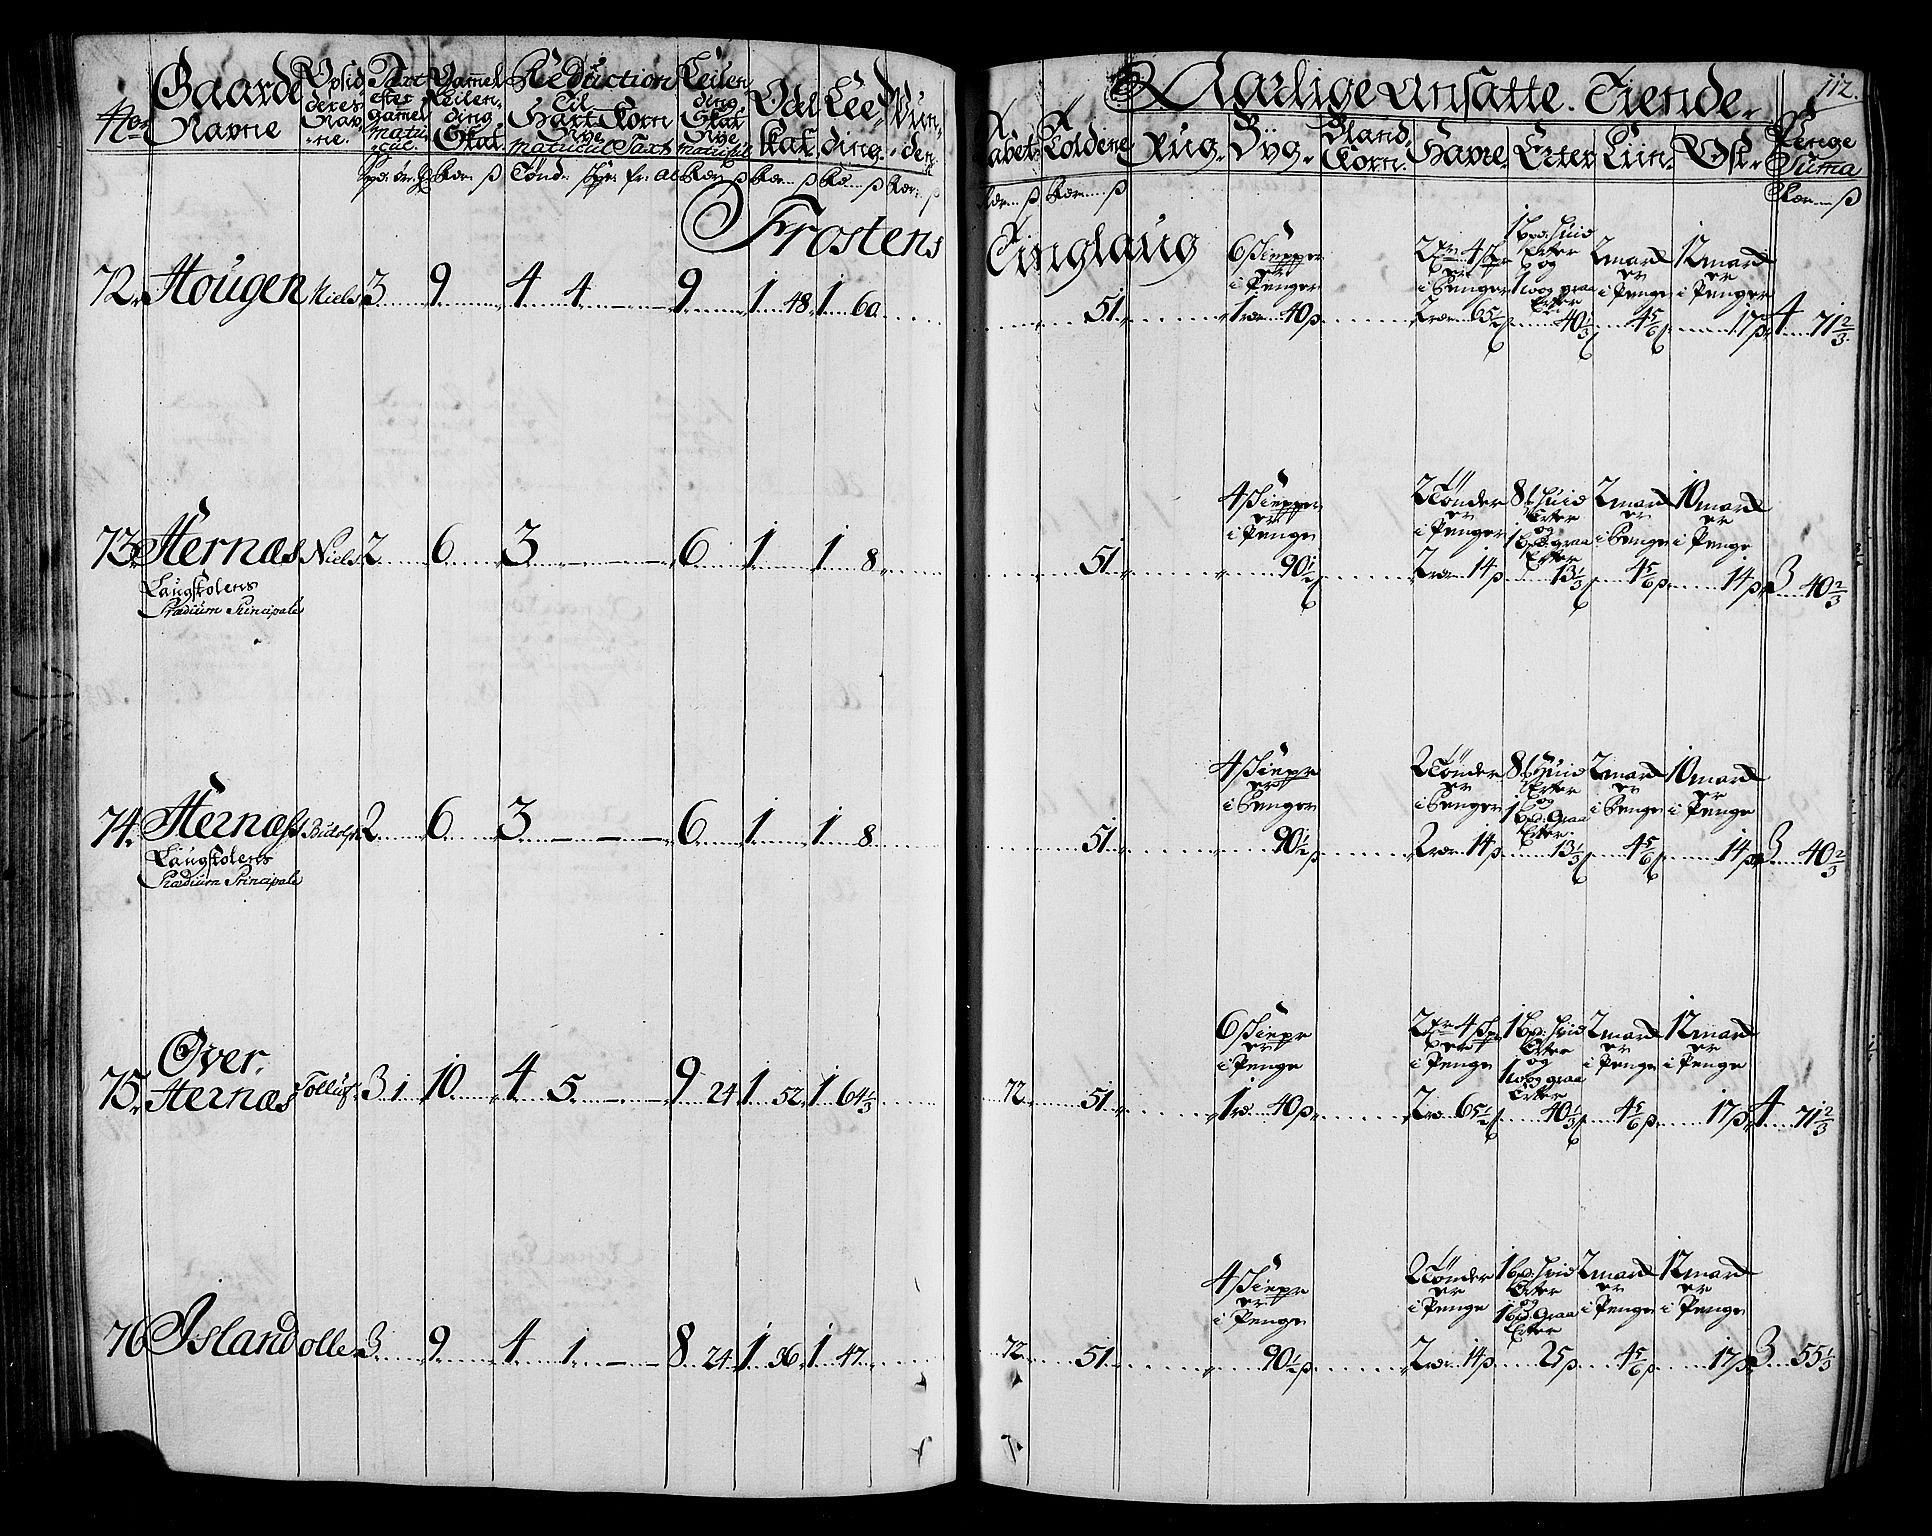 RA, Rentekammeret inntil 1814, Realistisk ordnet avdeling, N/Nb/Nbf/L0165: Stjørdal og Verdal matrikkelprotokoll, 1723, s. 111b-112a